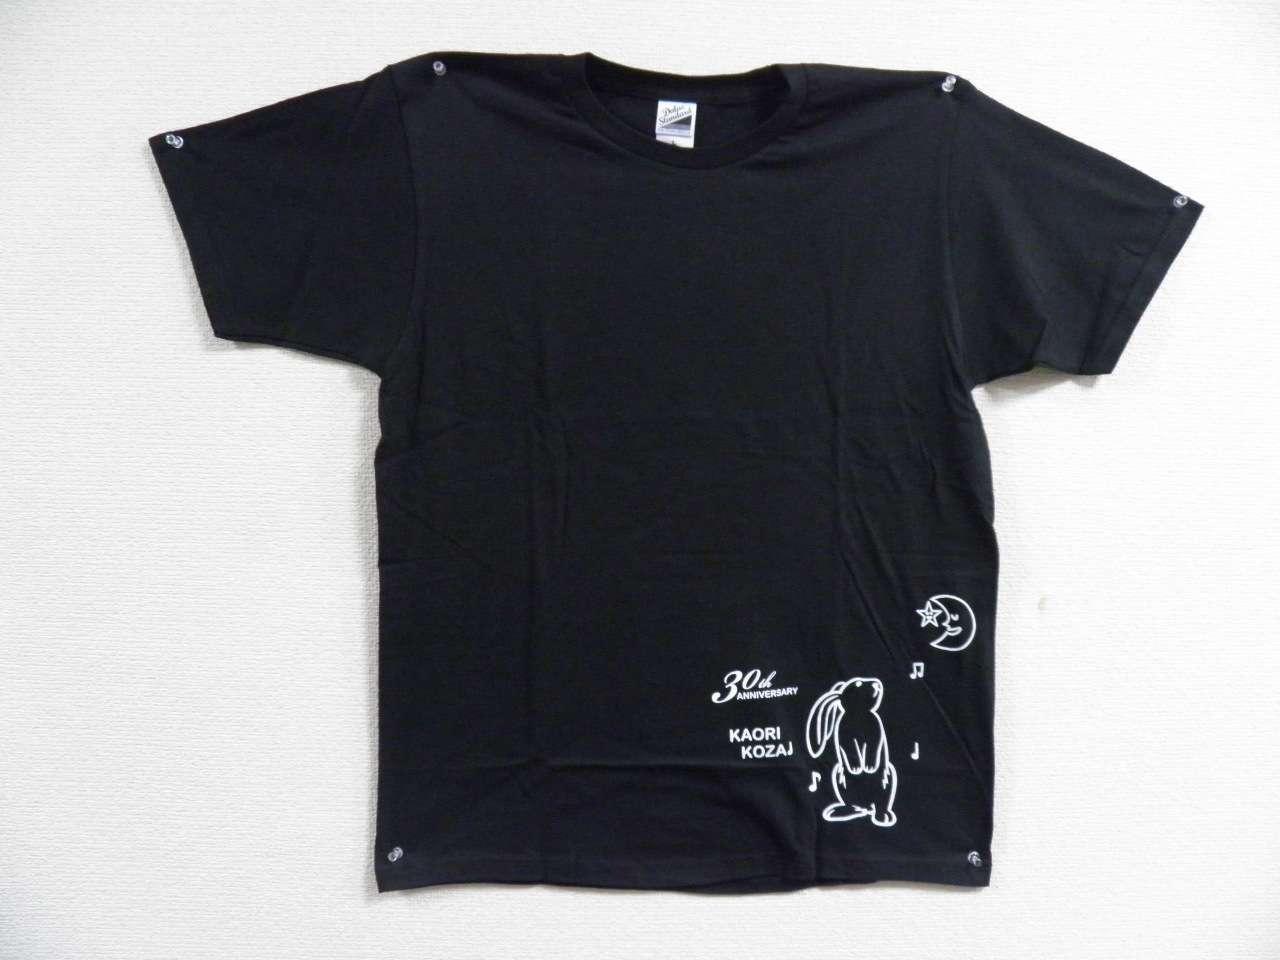 30thアニバーサリーTシャツ(黒・白)_1